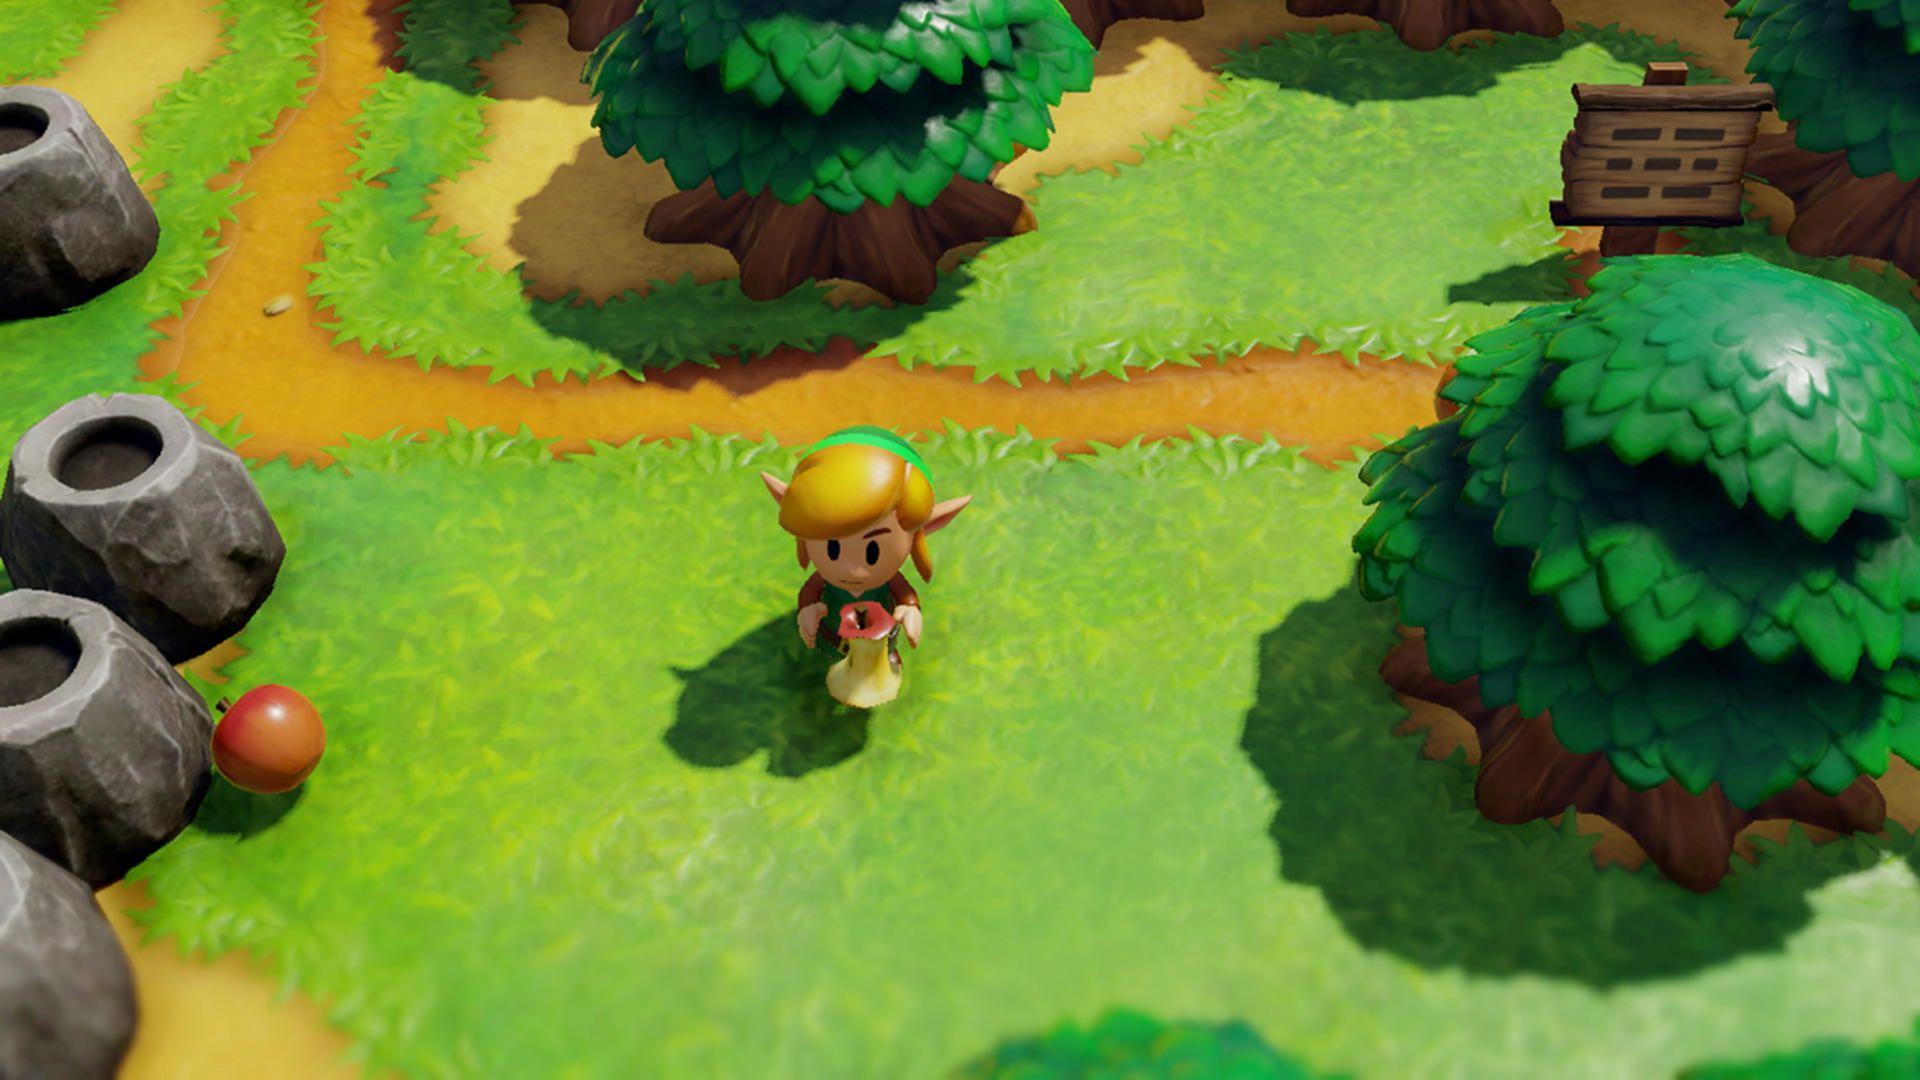 Legend Of Zelda Link S Awakening How To Get Past The Raccoon Tips And Tricks Legend Of Zelda Crane Game Zelda